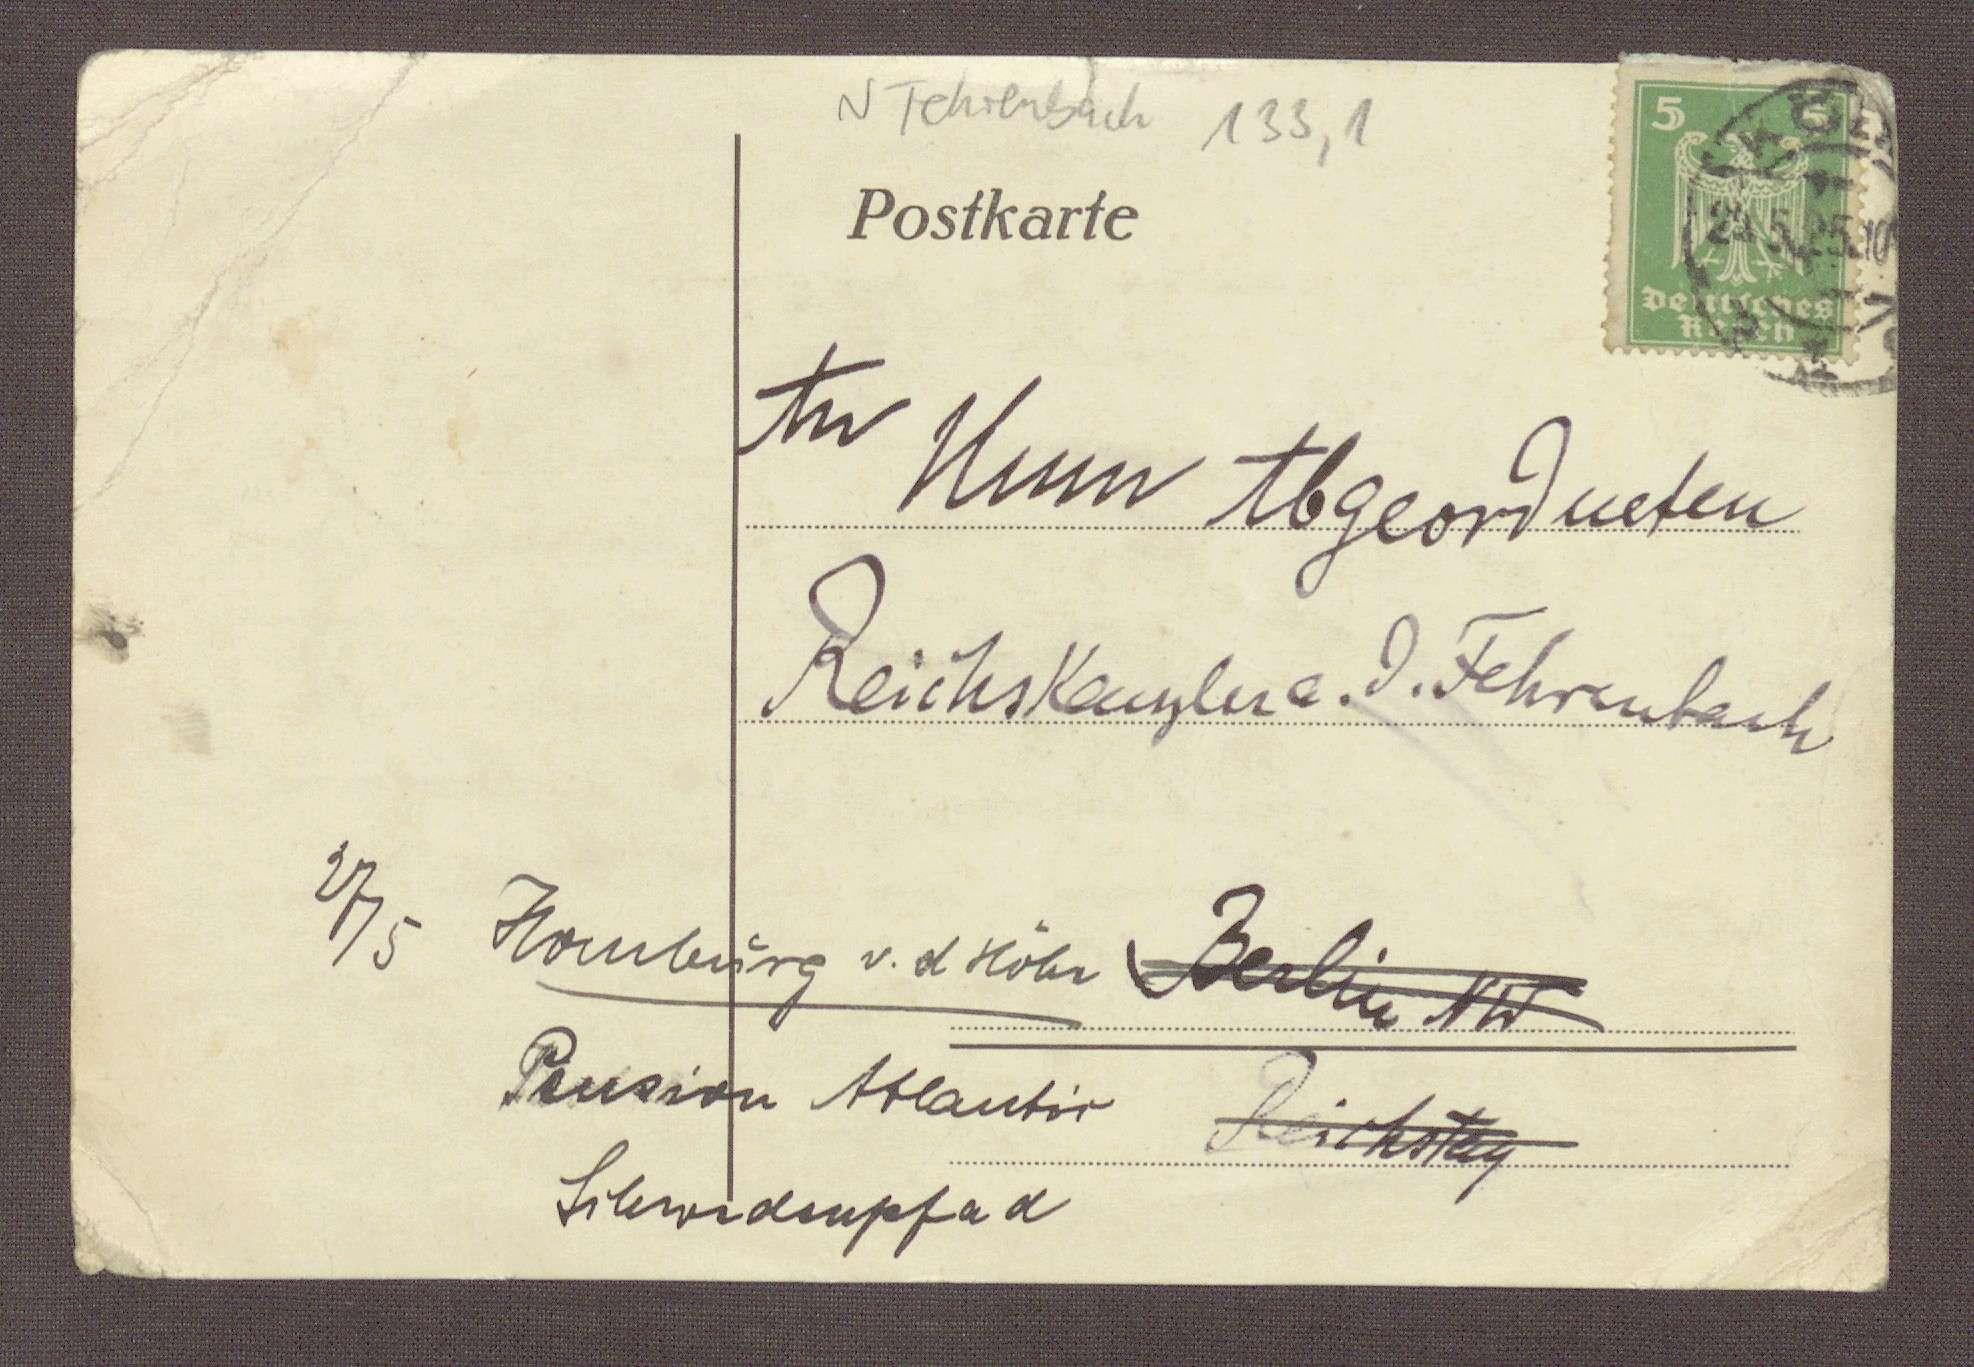 Postkarte an Constantin Fehrenbach, Kritik an einer gemeinsamen Reise von Joseph Wirth und Christine Teusch nach Rom, Bild 2